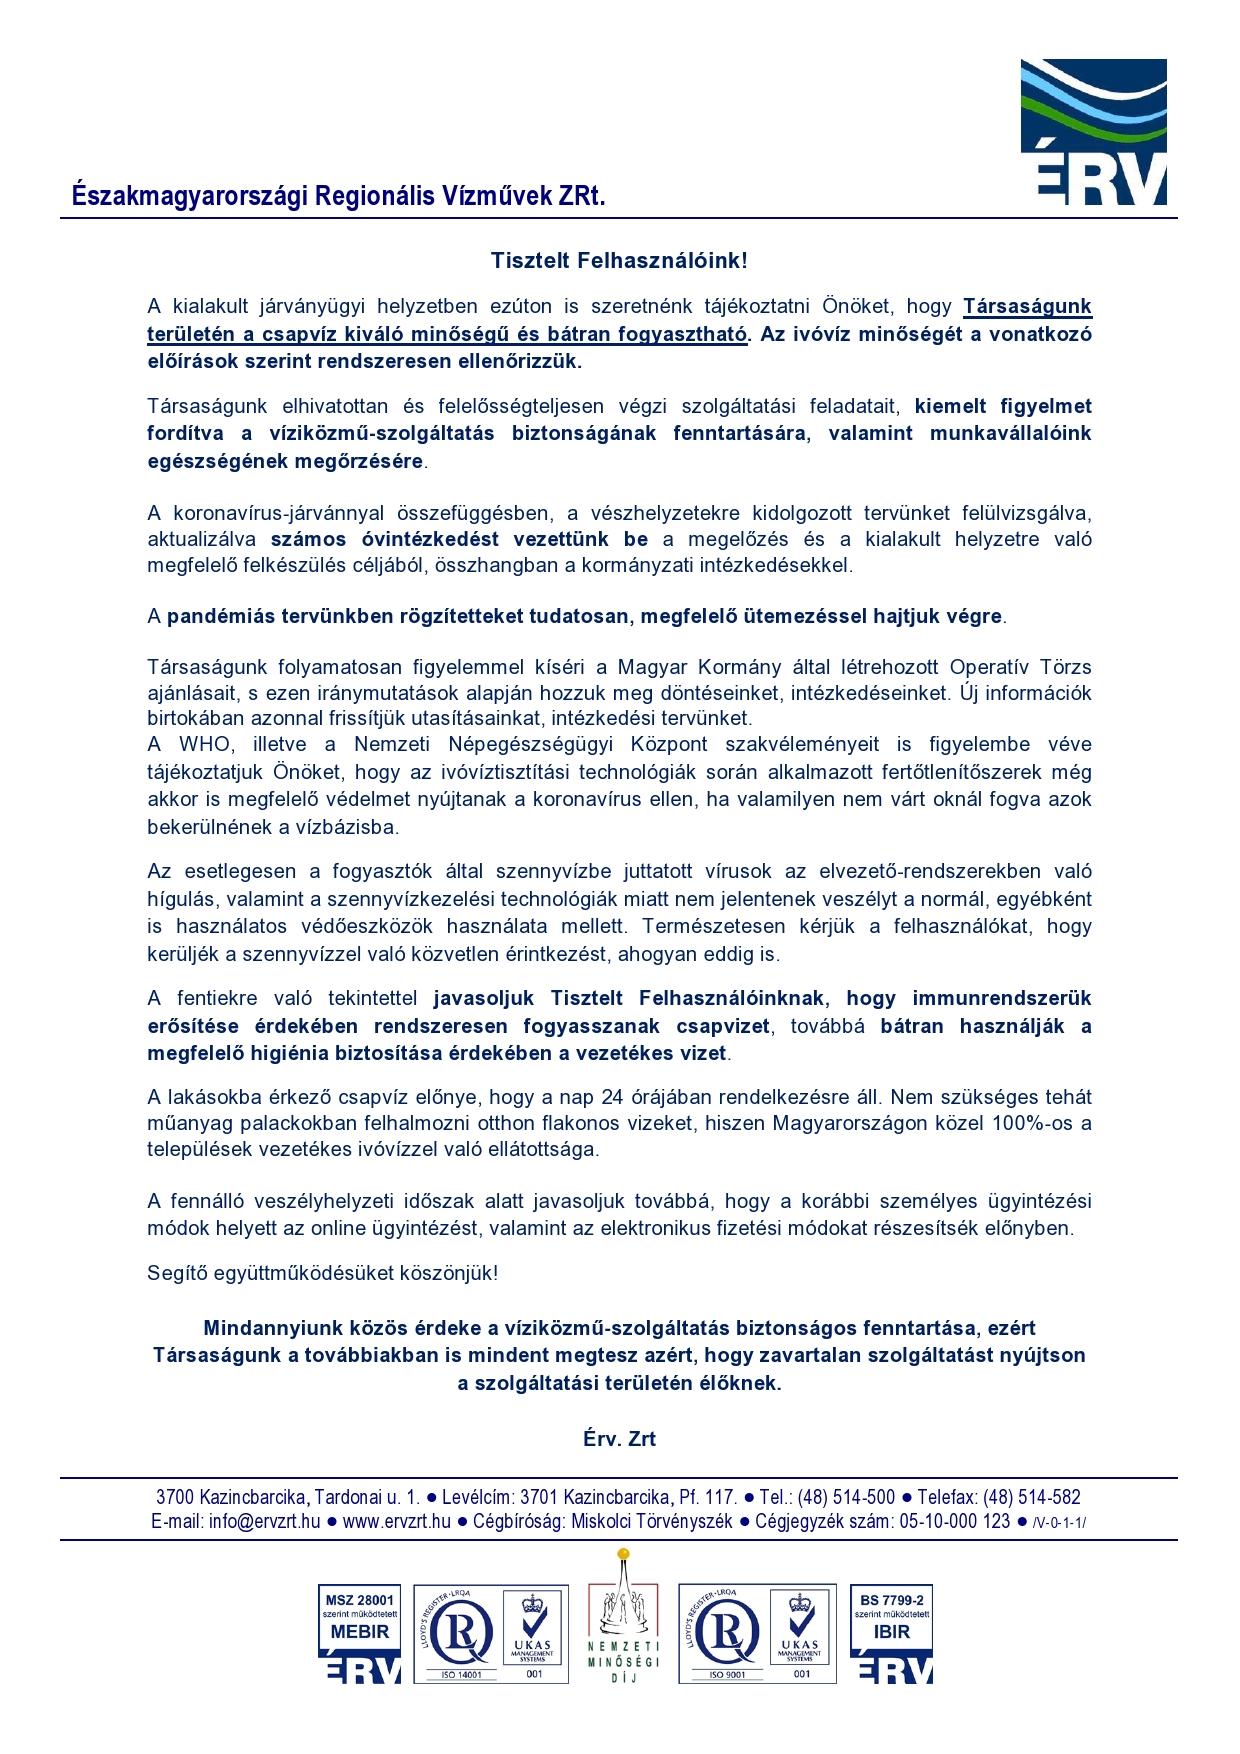 ÉRV Zrt. tájékoztatója